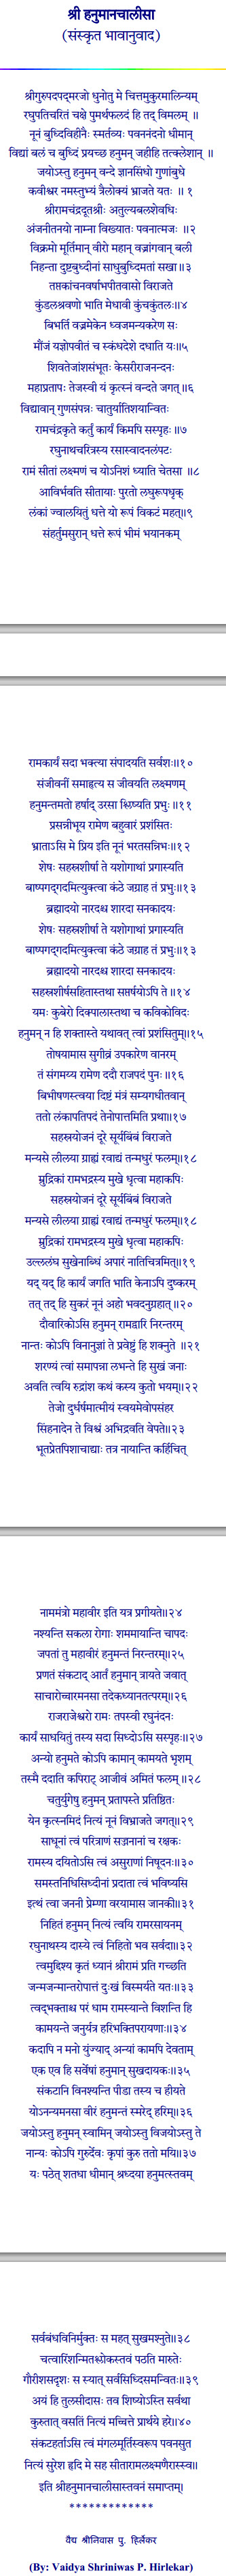 sanskrit Hanuman Chalisa 2